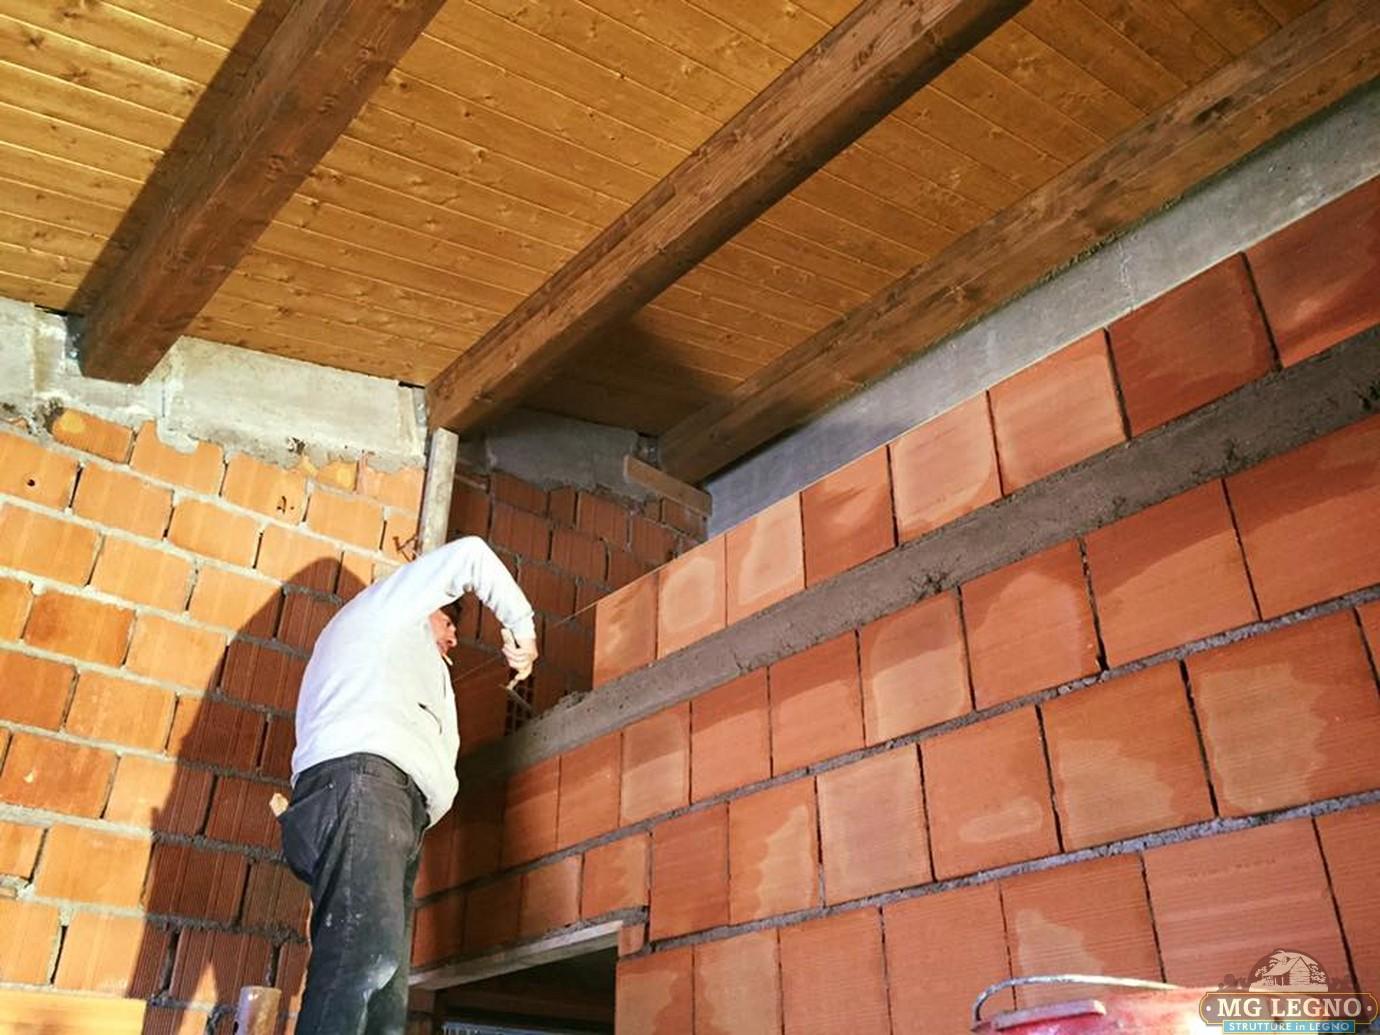 Colori Tetti Legno Lamellare tetto in legno lamellare | mg legno